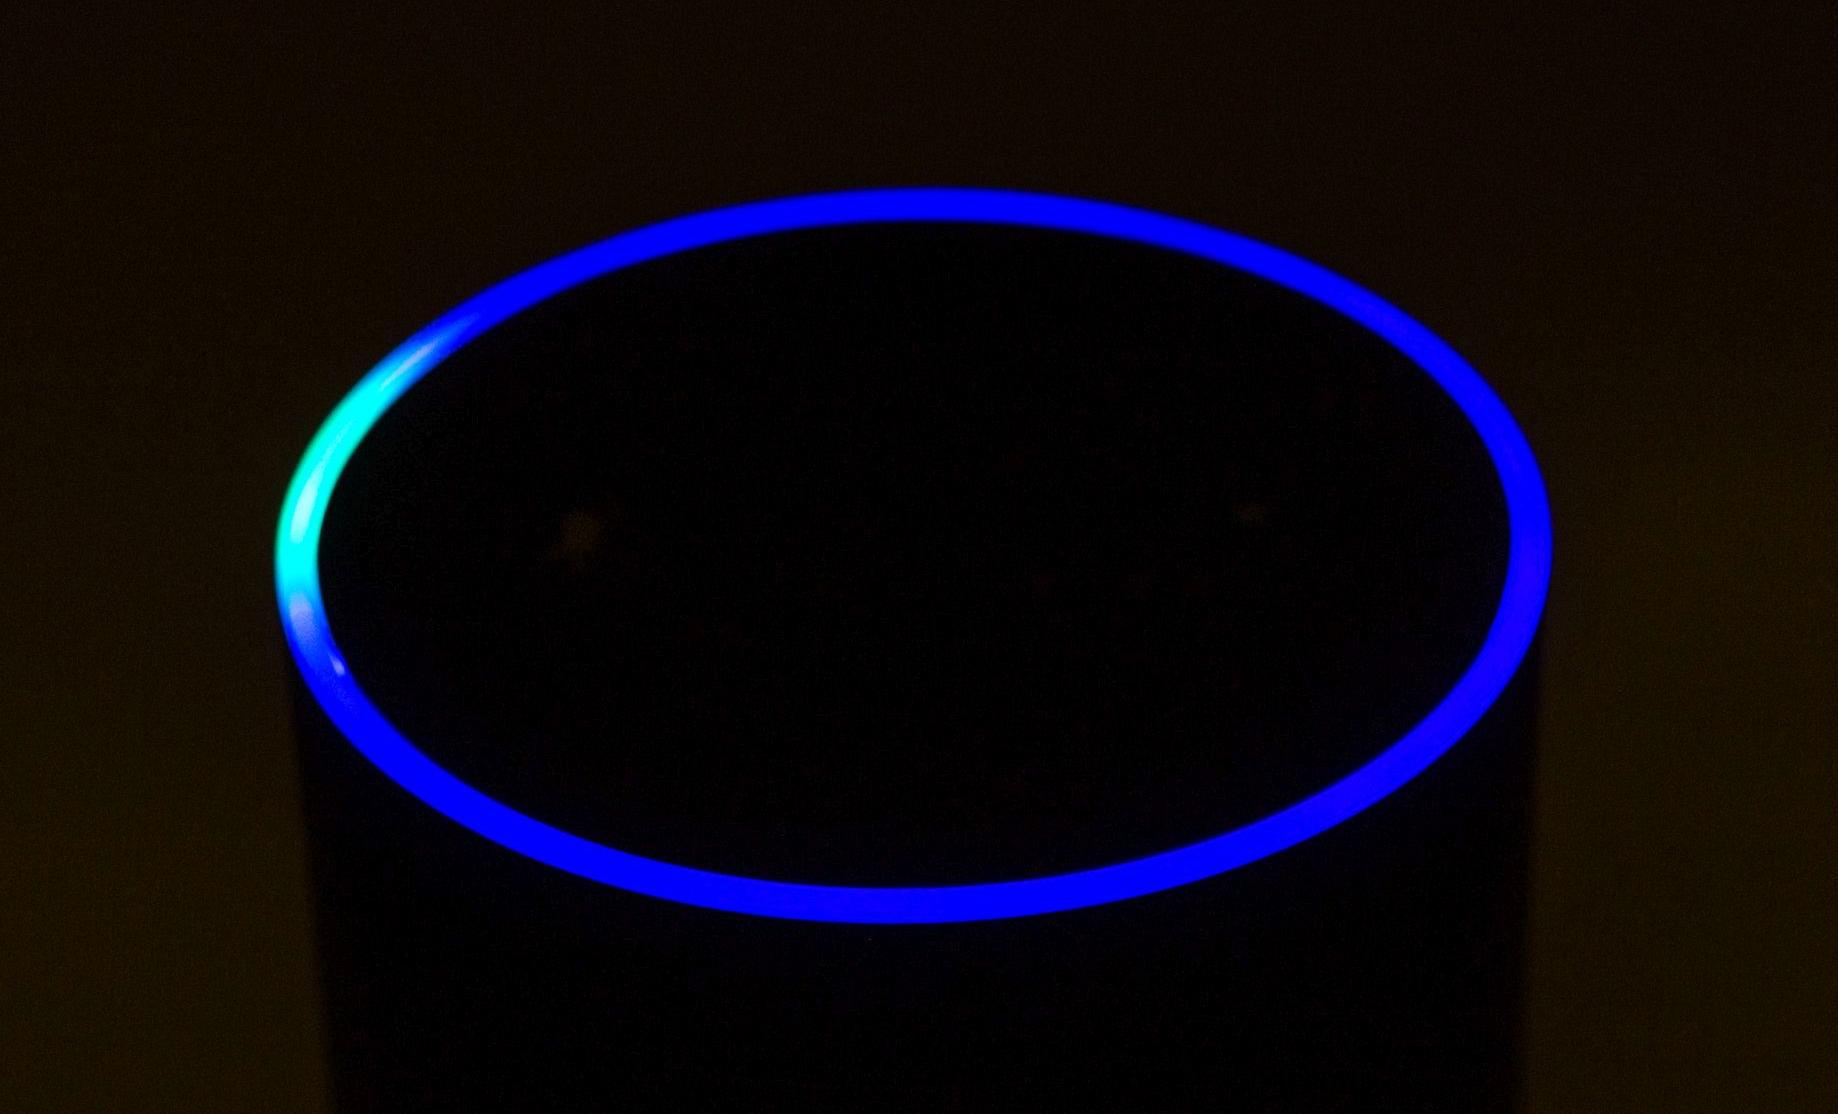 Echo-Box von Amazon, die auch ein Mikro enthält, im Dunkeln, nur durch einen blauleuchtenden Ring zu erkennen.